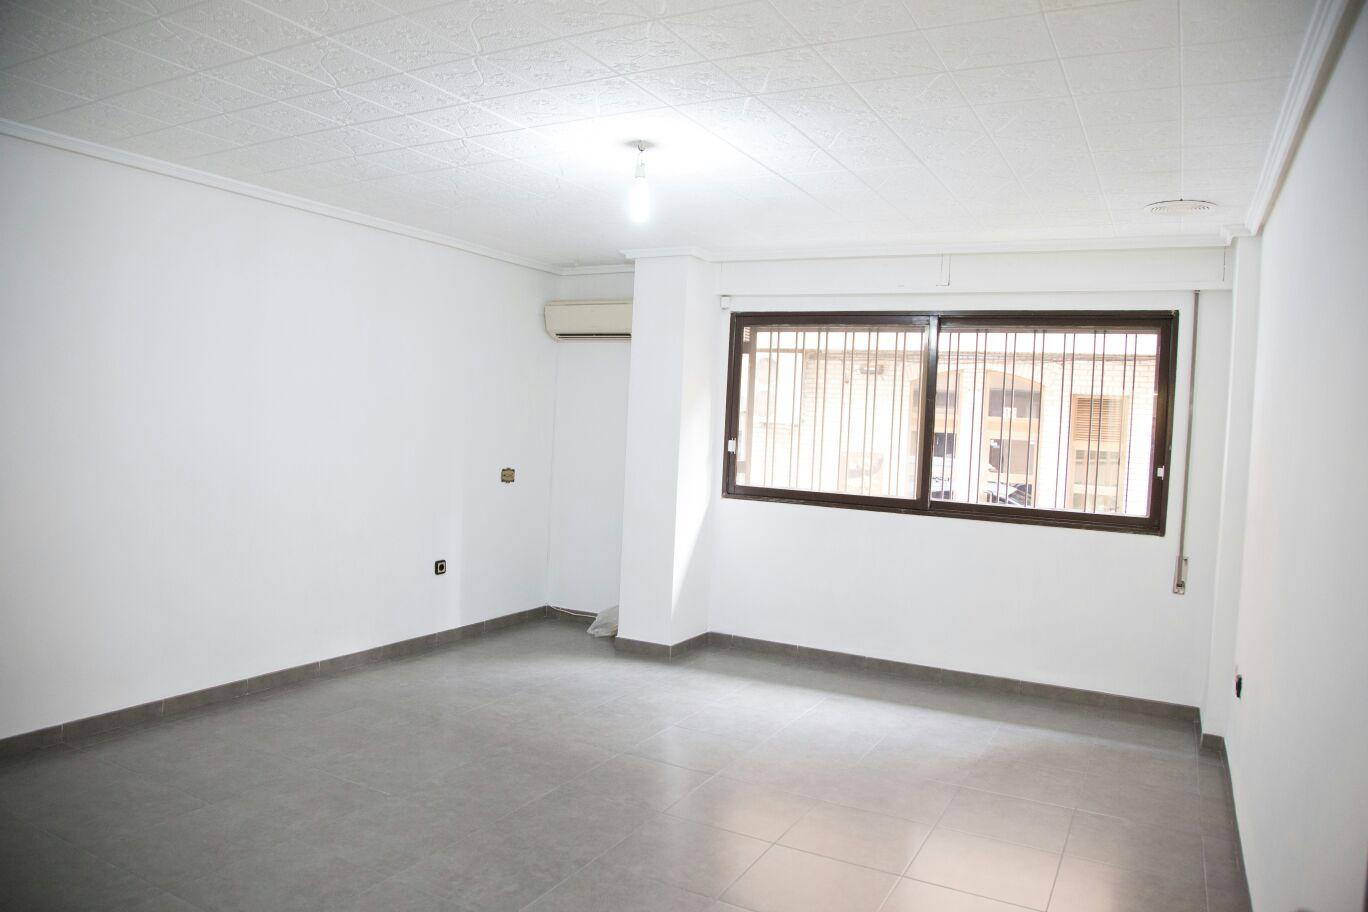 Piso en venta en torrent de 85 m2 for Pisos de bancos en torrente